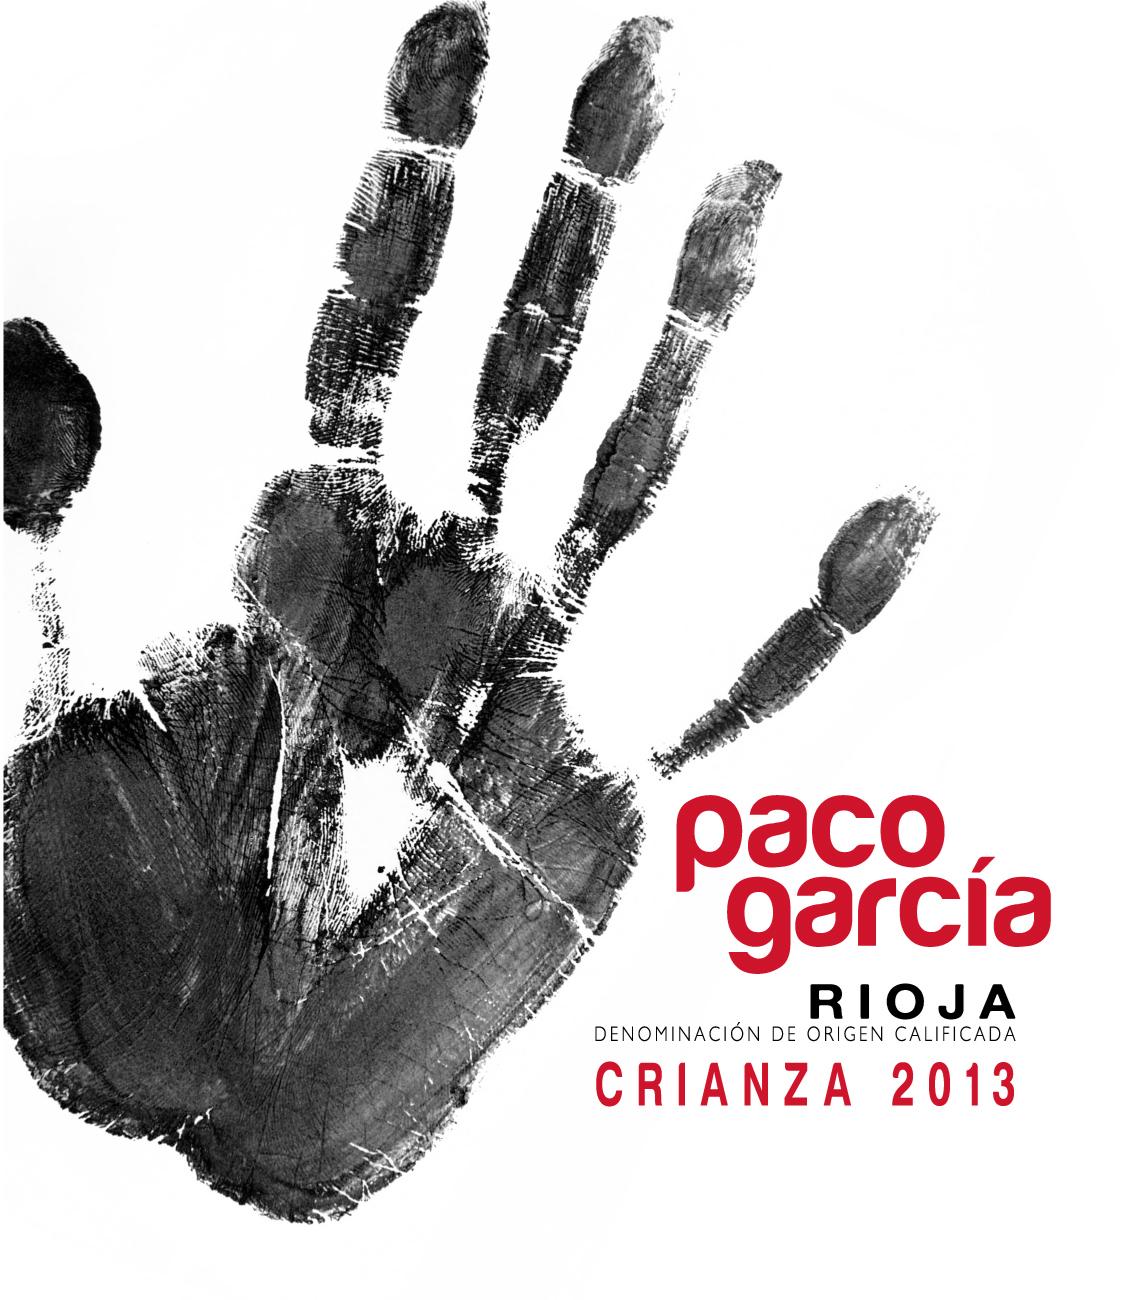 Paco García Crianza